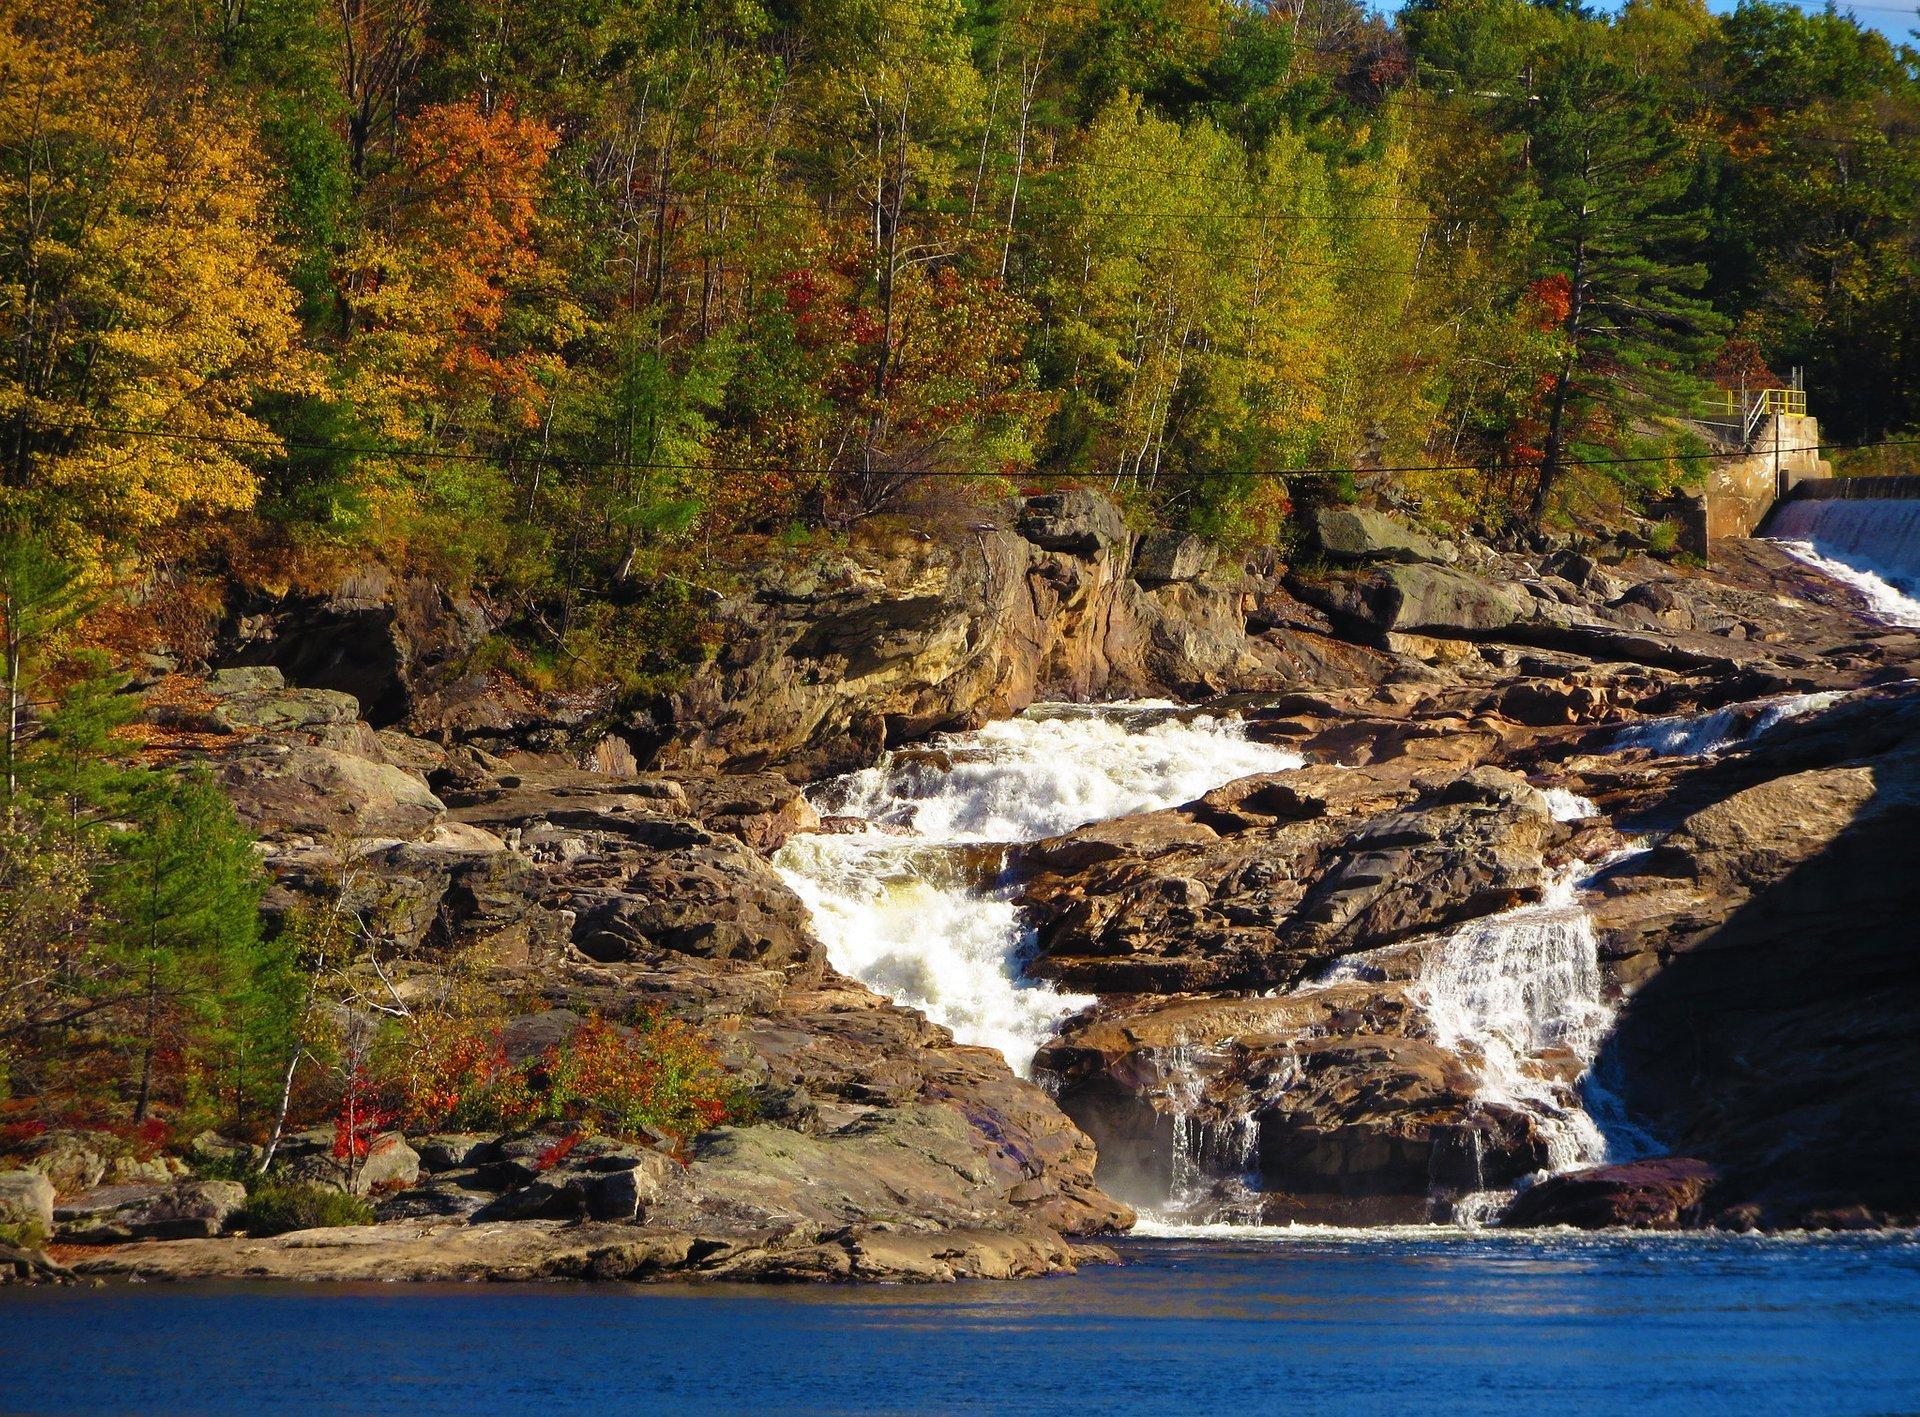 Rumford Falls in Autumn 2020